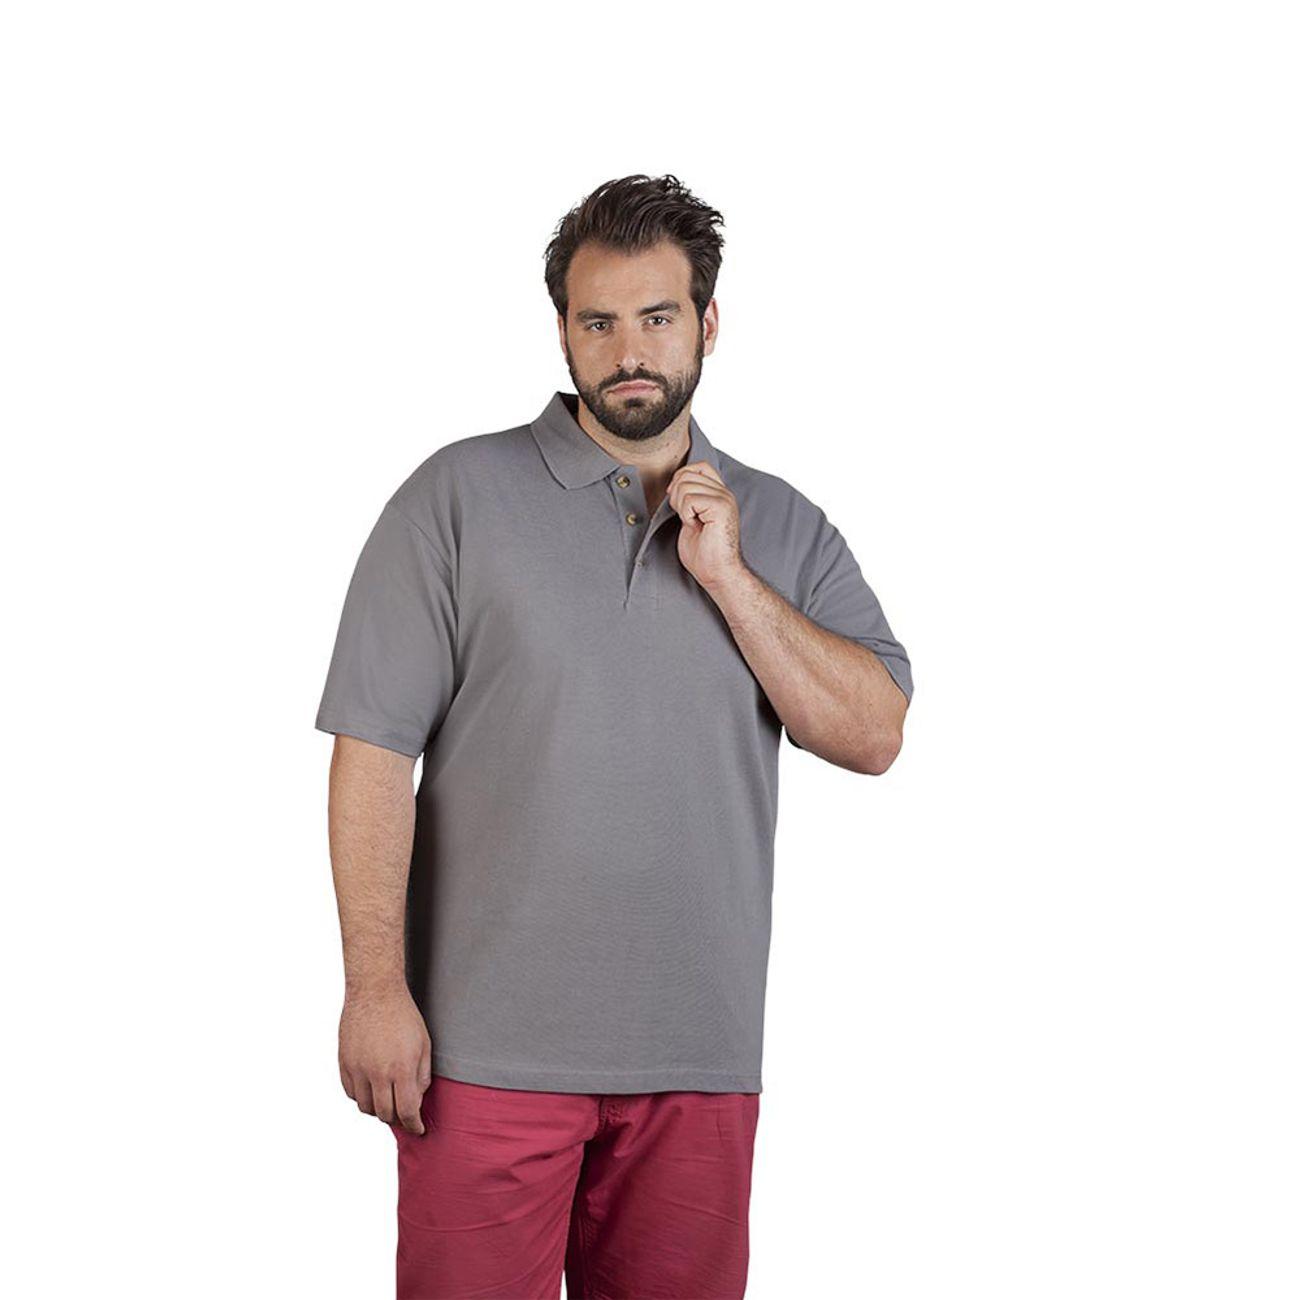 polo homme en coton grande taille achat et prix pas cher. Black Bedroom Furniture Sets. Home Design Ideas